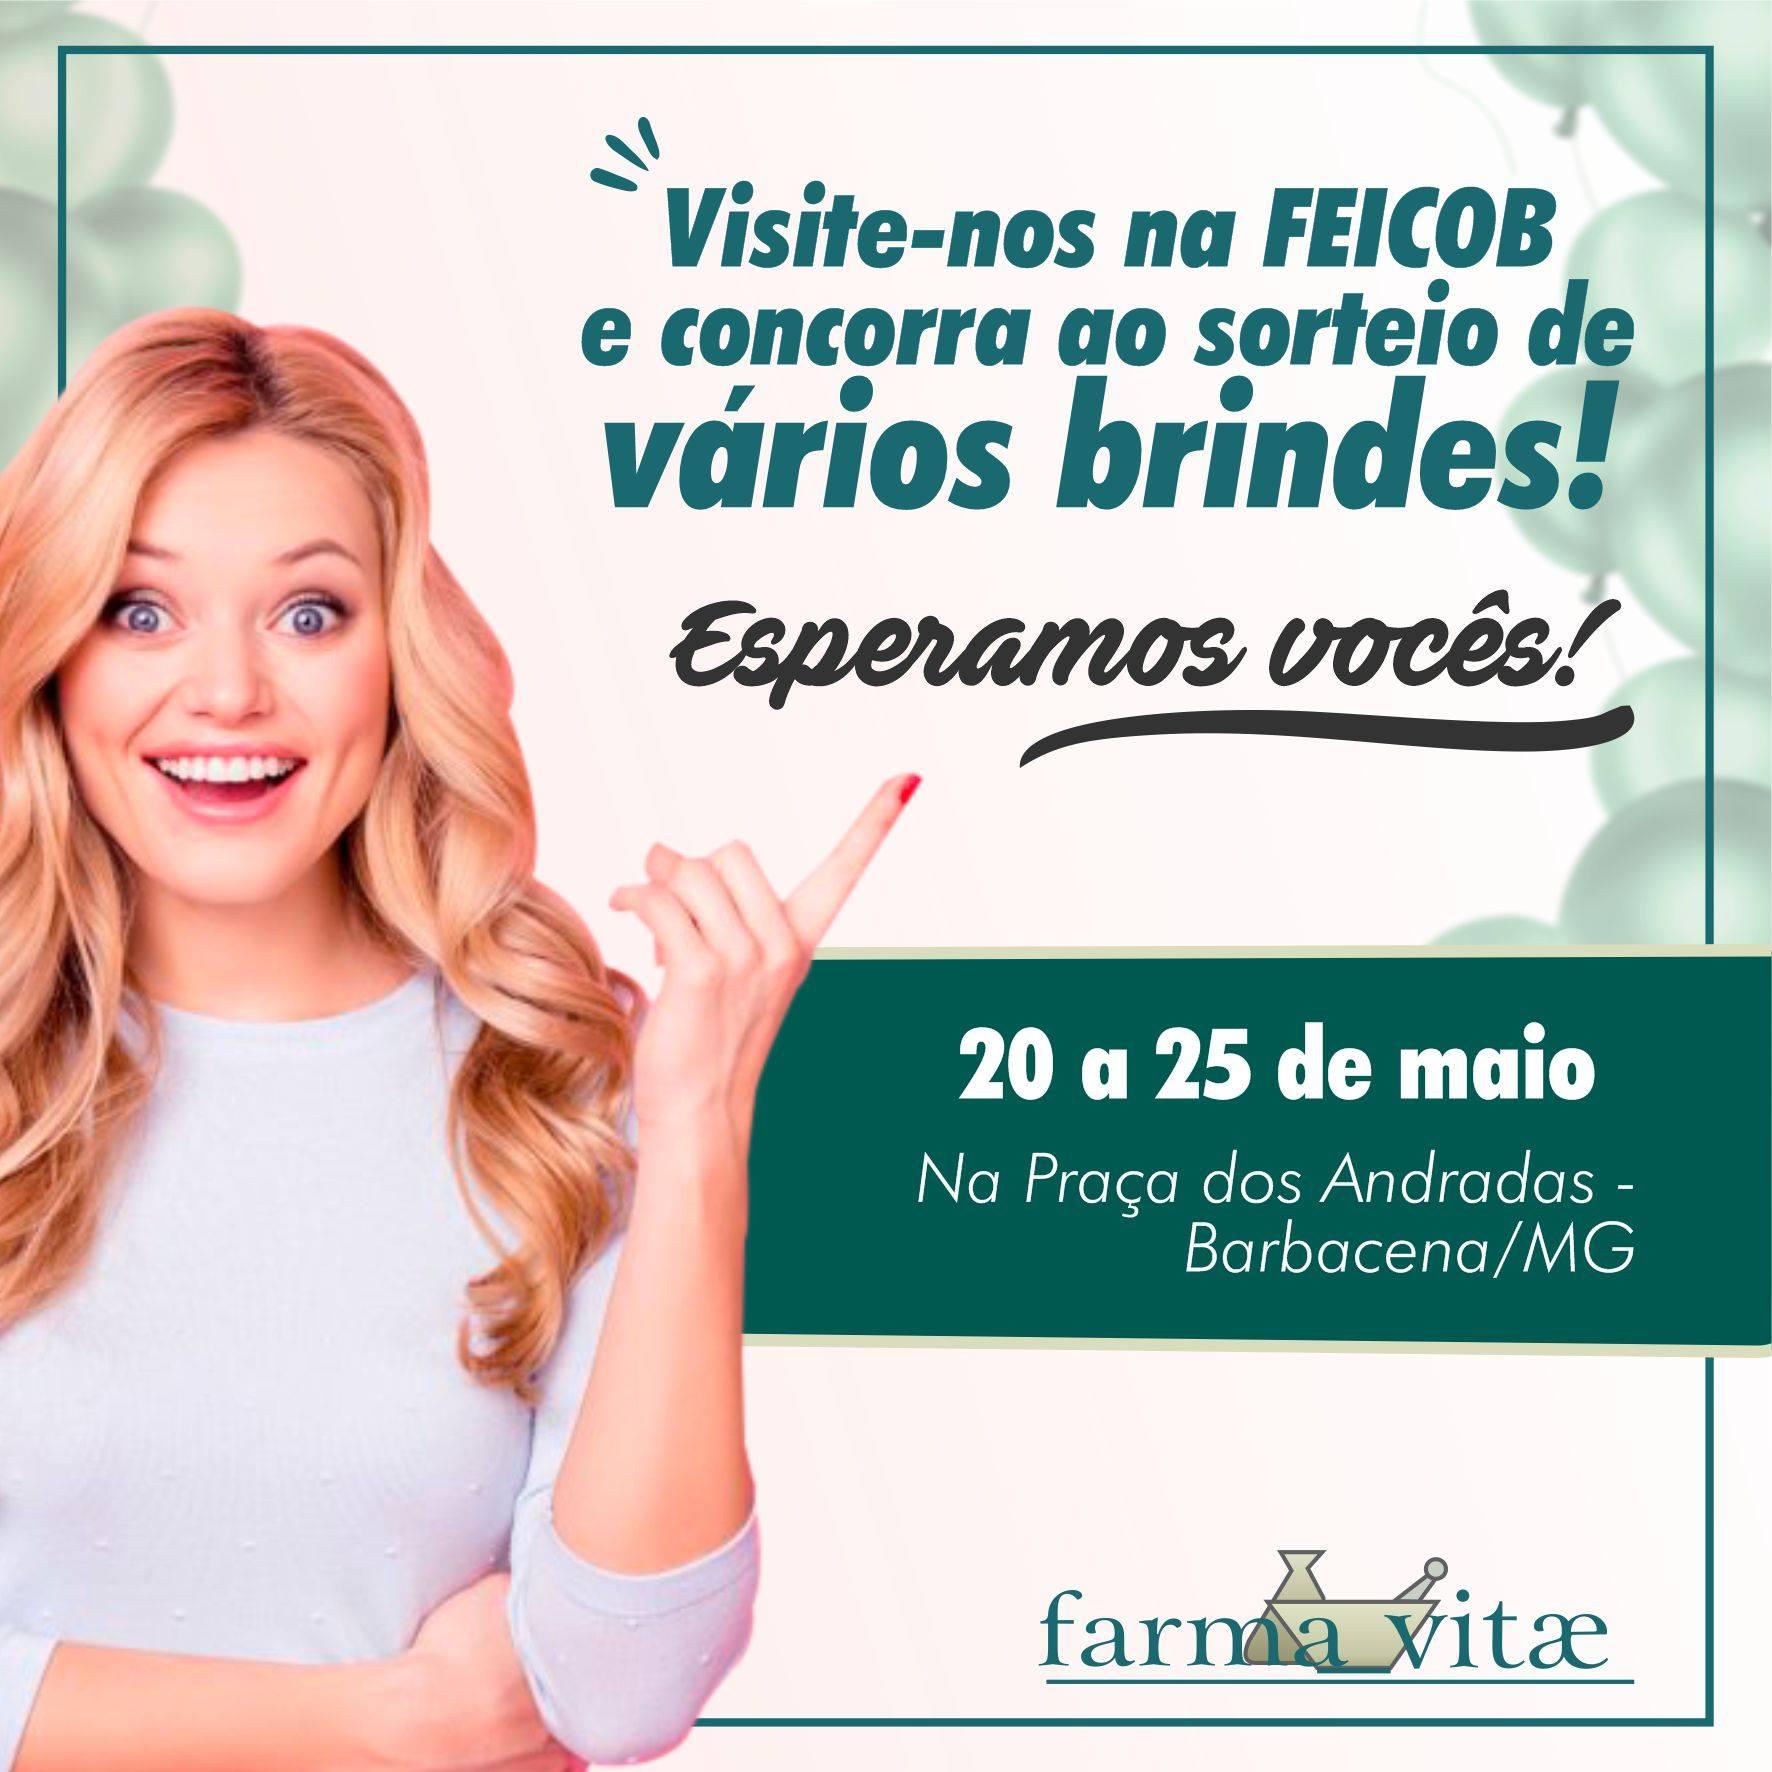 001 FarmaVitae Feicob